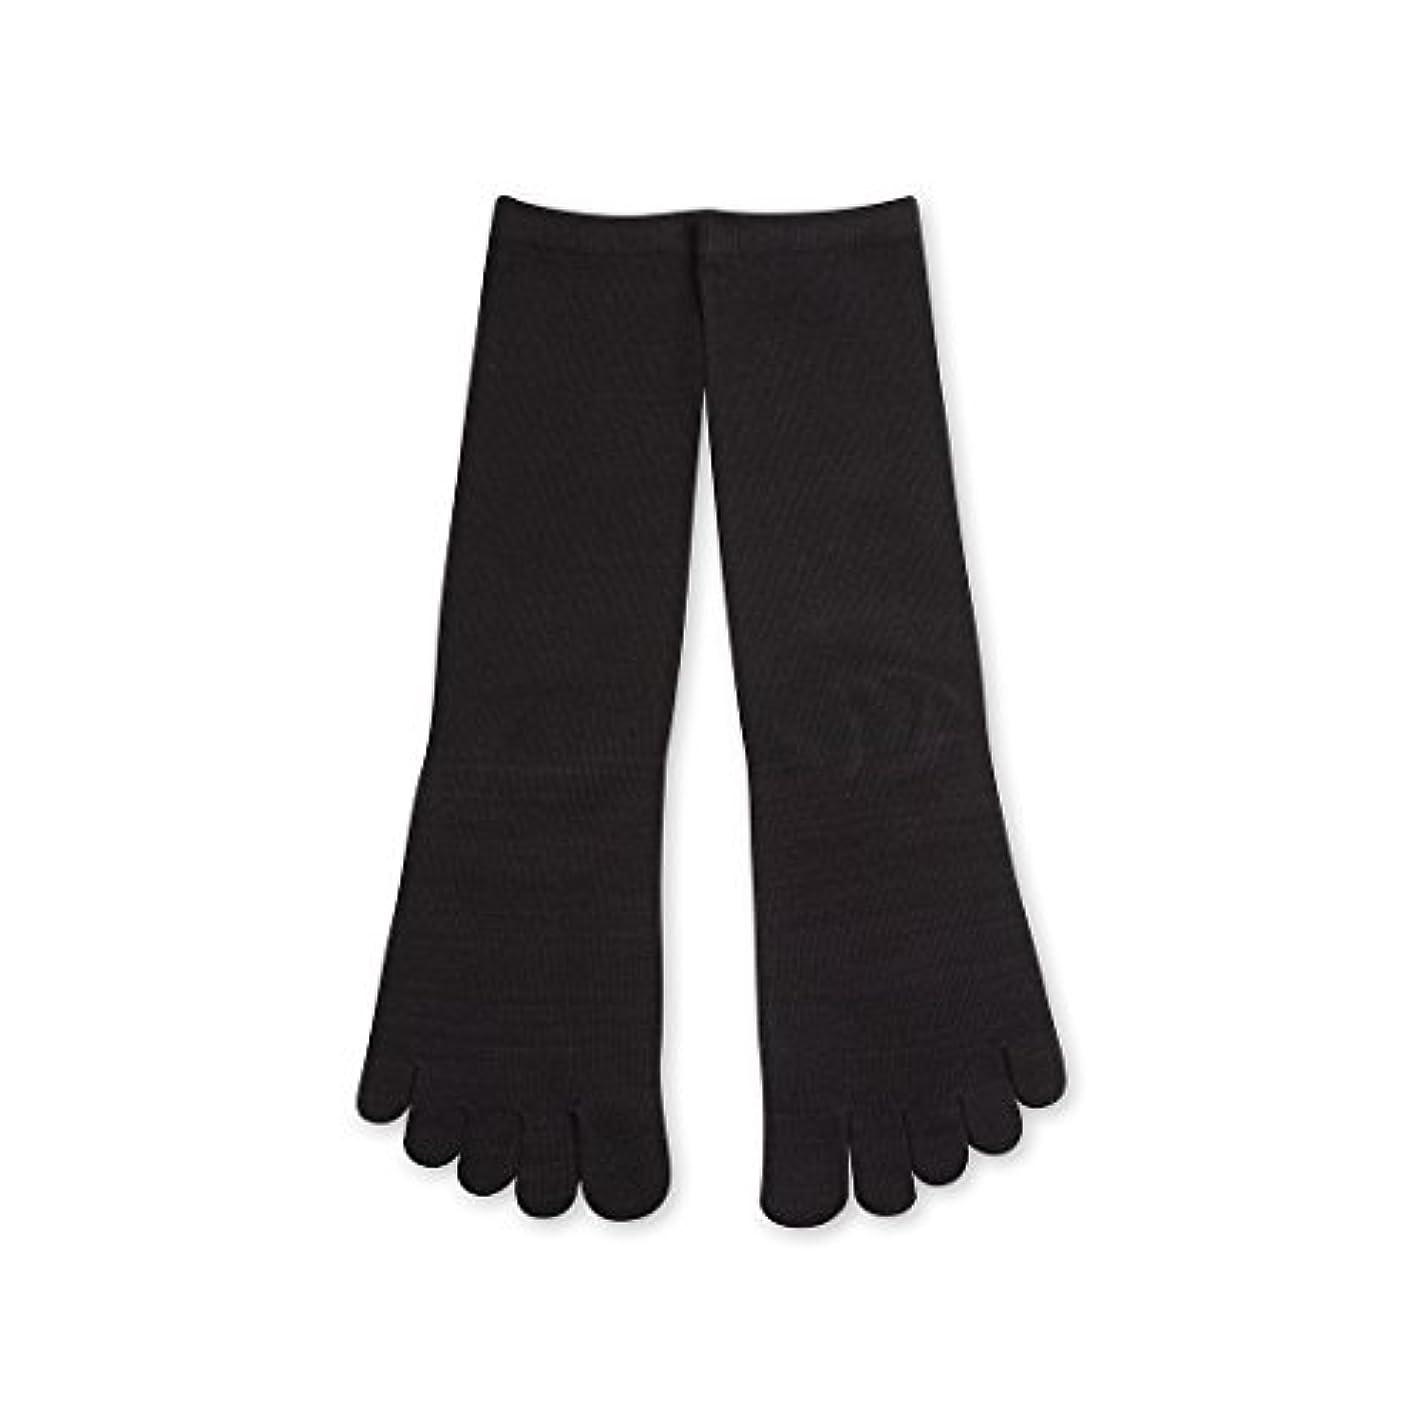 不屈徒歩で壊すDeol(デオル) 5本指 ソックス 男性用 靴下 25~27cm 黒